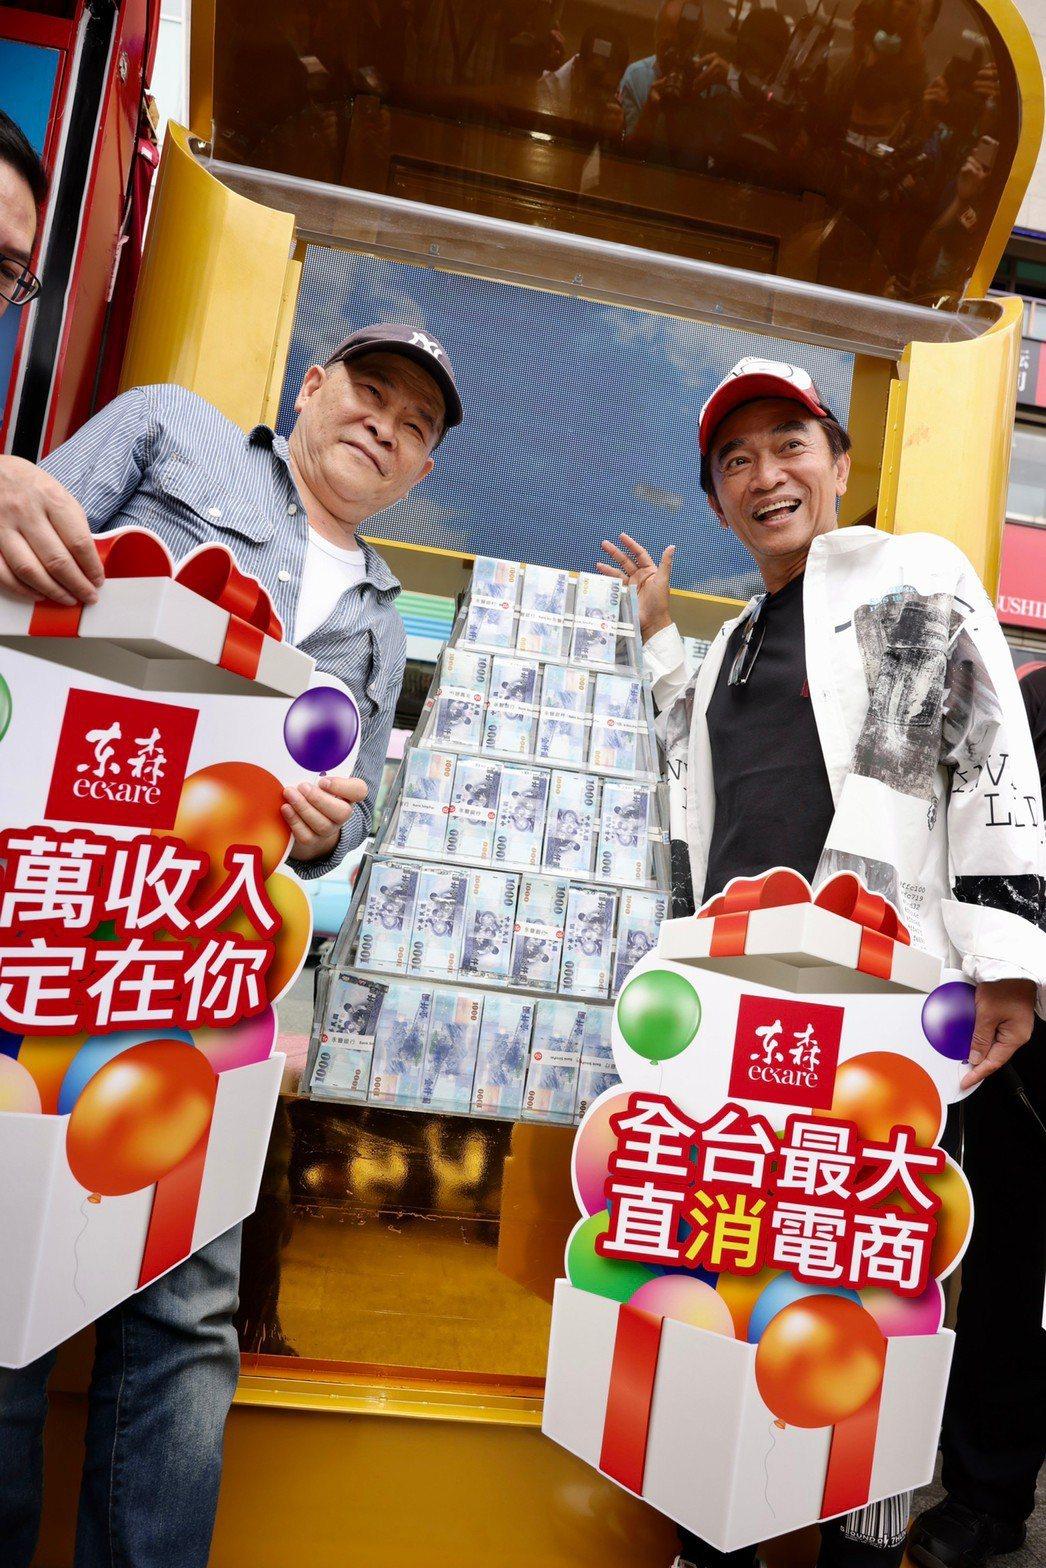 澎恰恰(左)和吳宗憲出席東森直消活動。記者李政龍/攝影